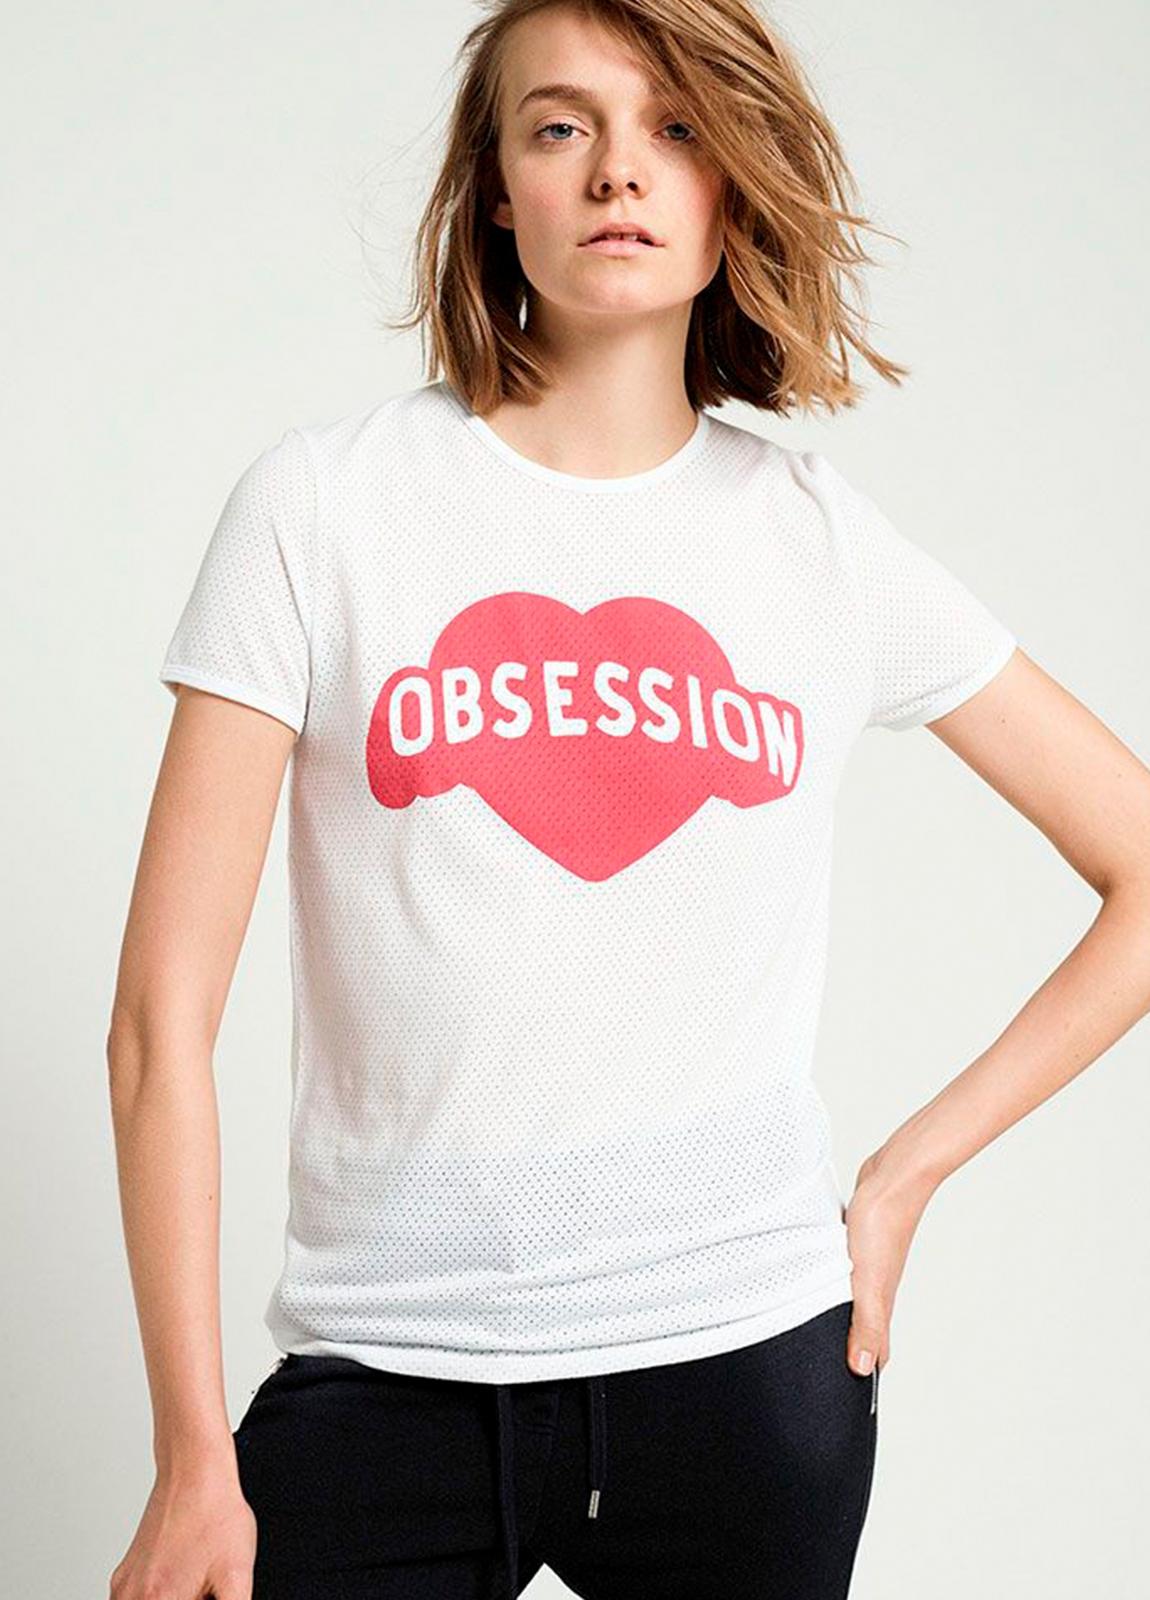 Camiseta manga corta color blanco con estampado gráfico. 50% Algodón 50% poliéster.